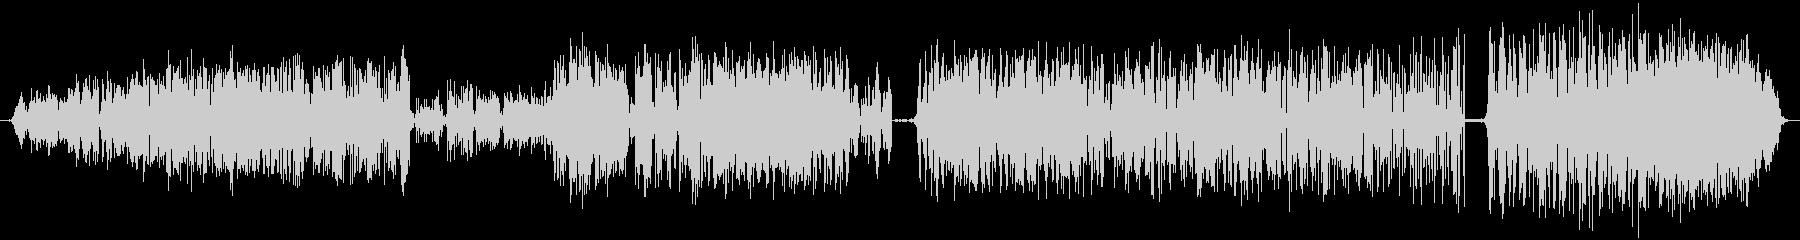 テープチャッターの巻き戻し:開始、...の未再生の波形